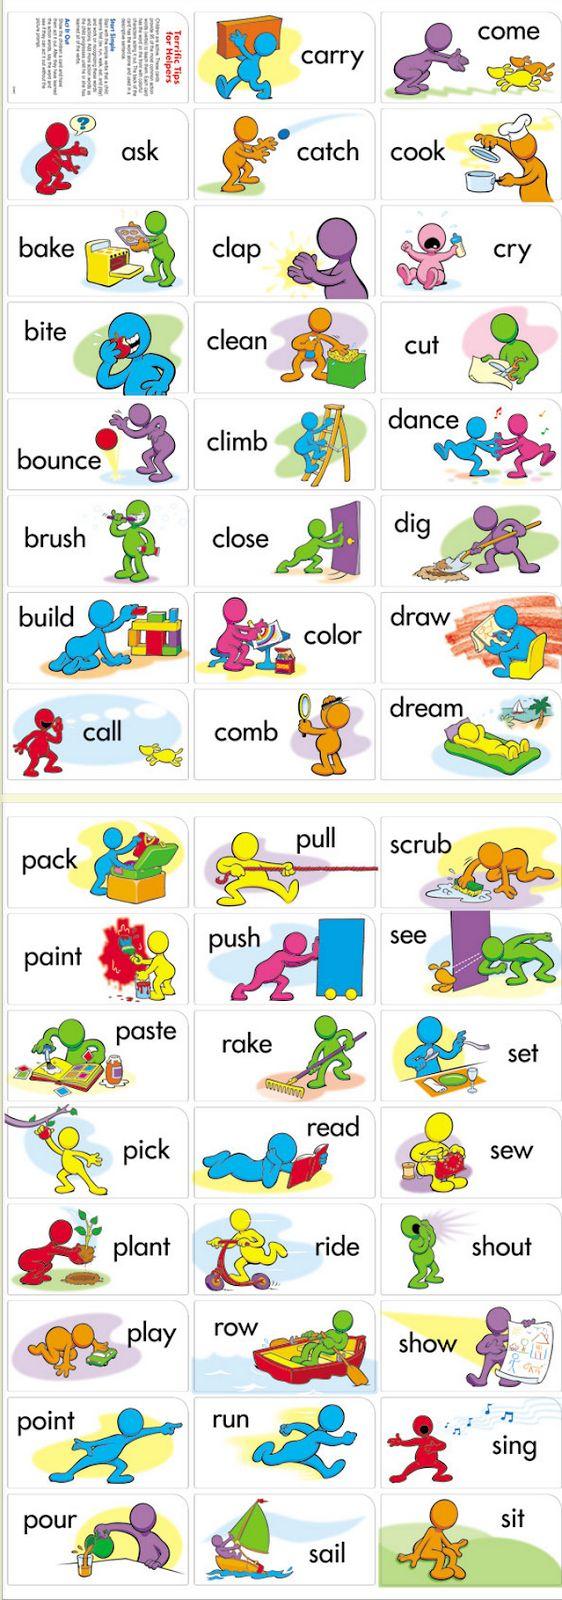 Полезные иллюстрированные картрочки с английскими глаголами